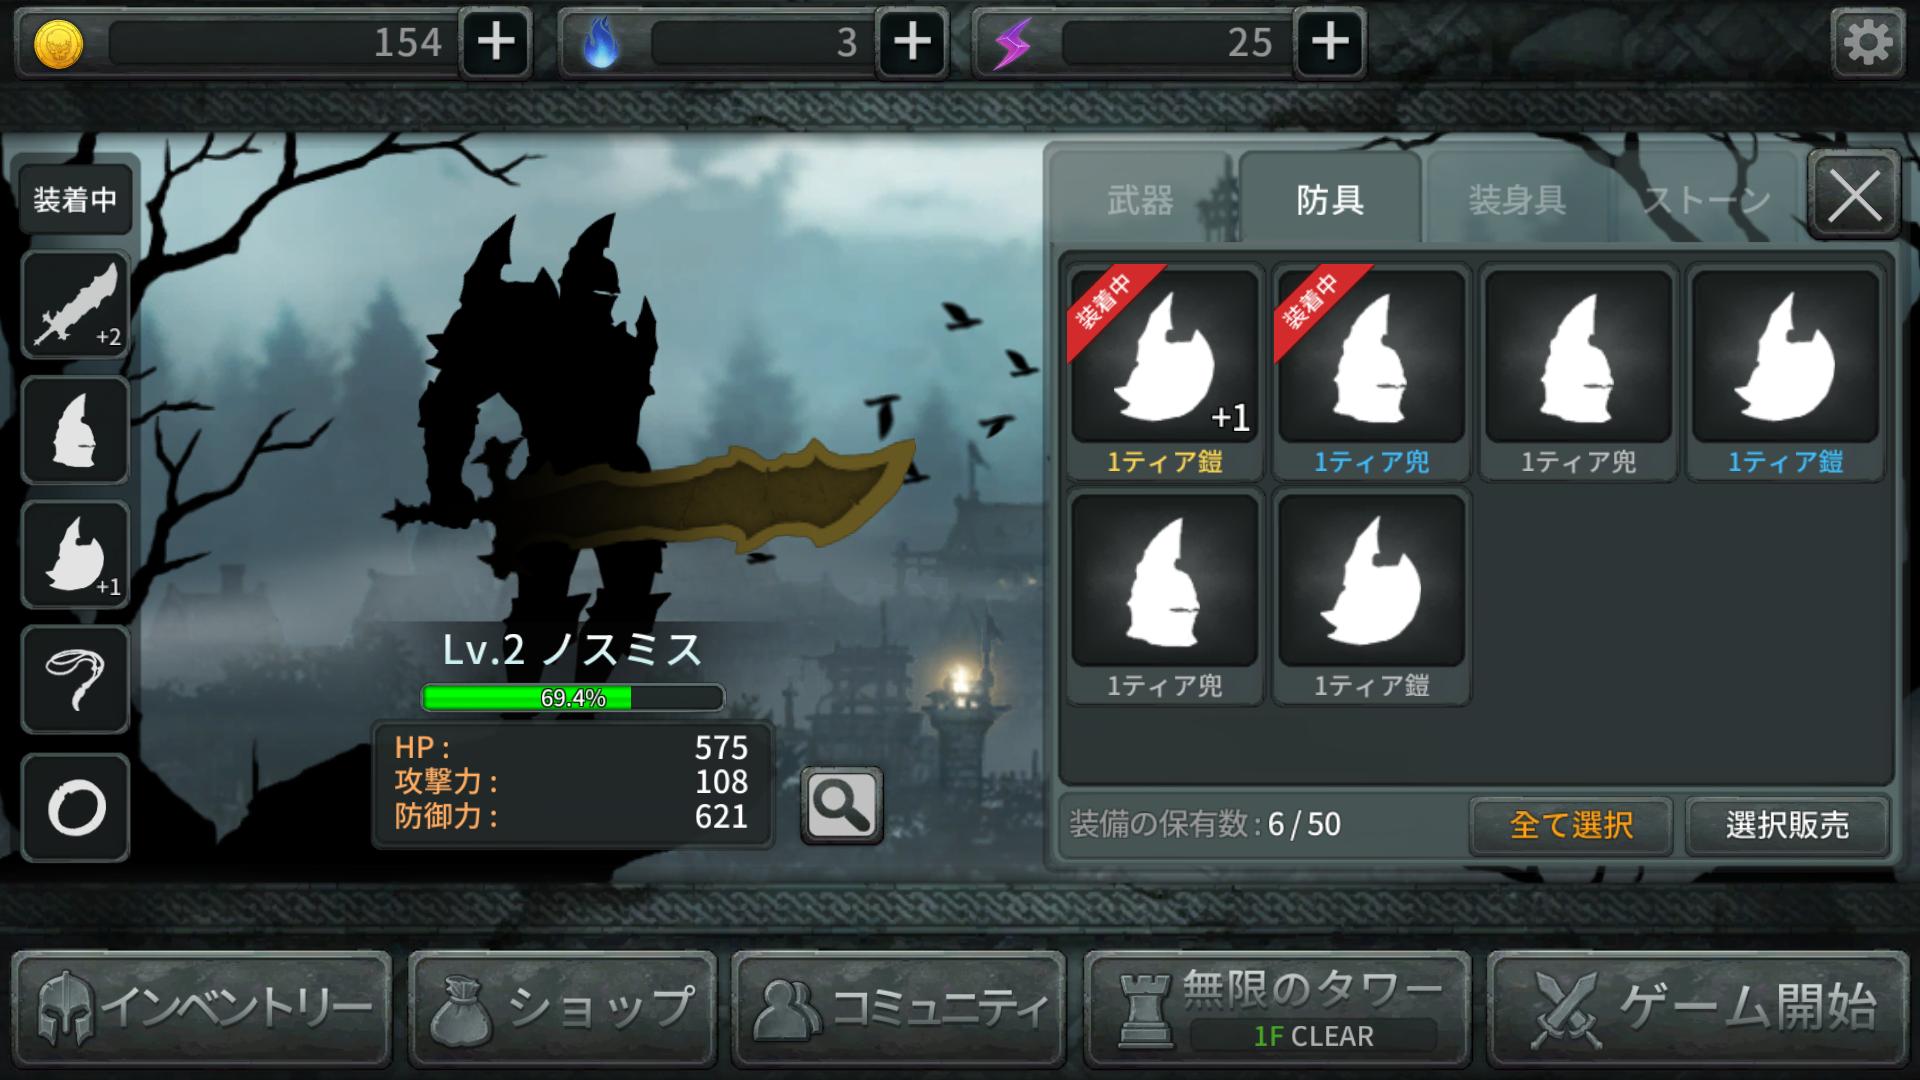 ダークソード(Dark Sword) androidアプリスクリーンショット3